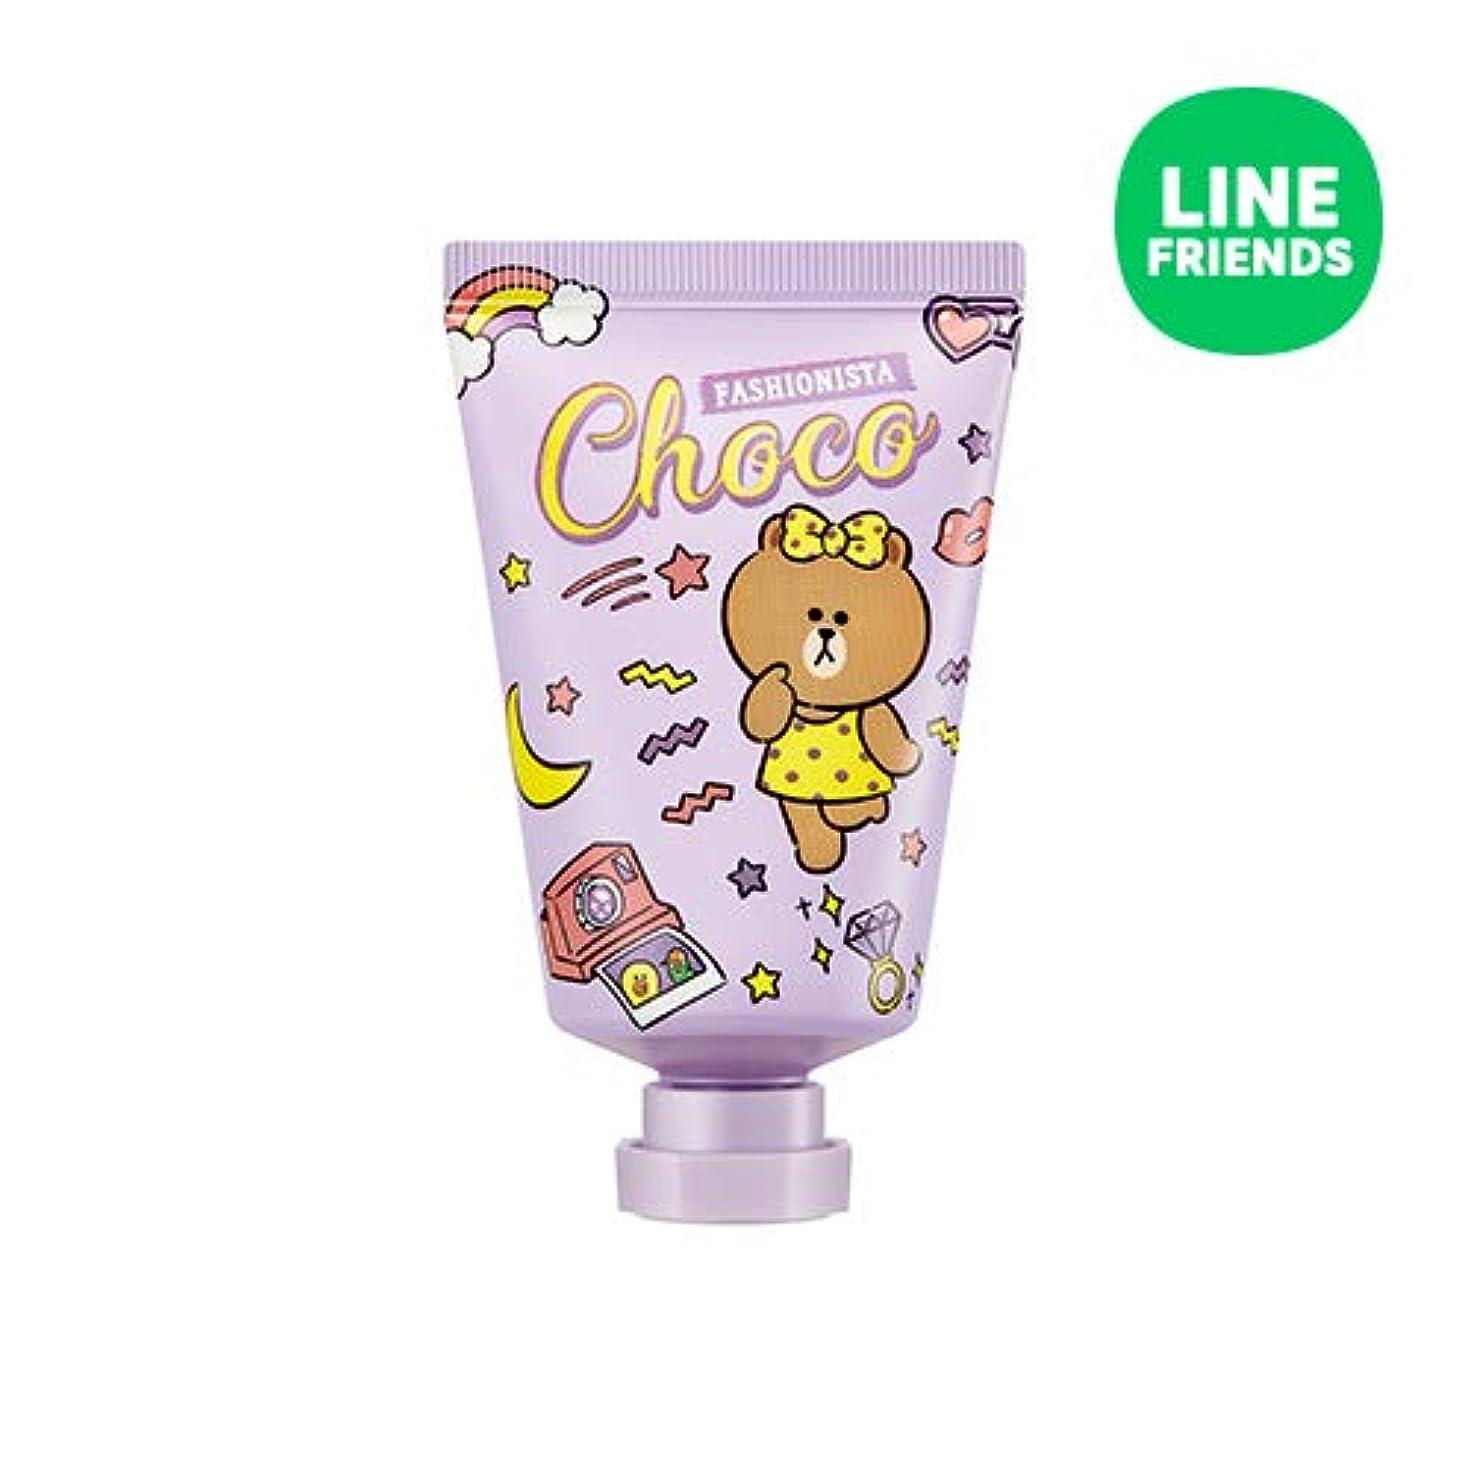 スタジアムささいな言及するミシャ(ラインフレンズ)ラブシークレットハンドクリーム 30ml MISSHA [Line Friends Edition] Love Secret Hand Cream - Choco # Pitch Cocktail...